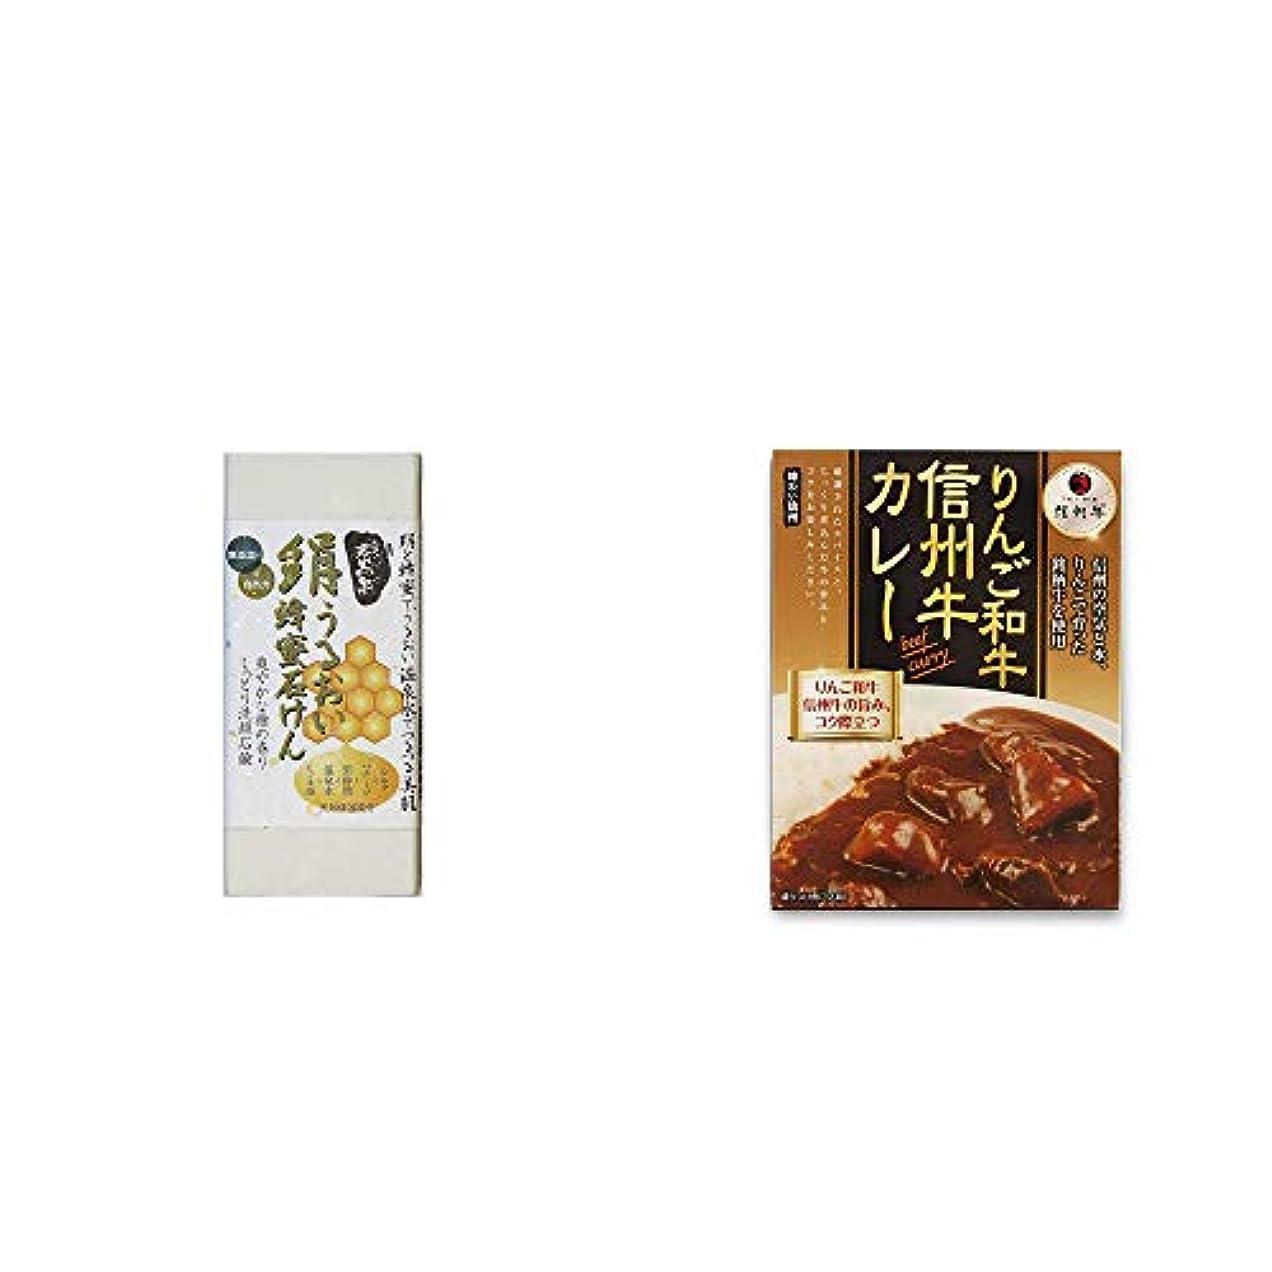 味付け自殺とらえどころのない[2点セット] ひのき炭黒泉 絹うるおい蜂蜜石けん(75g×2)?りんご和牛 信州牛カレー(1食分)